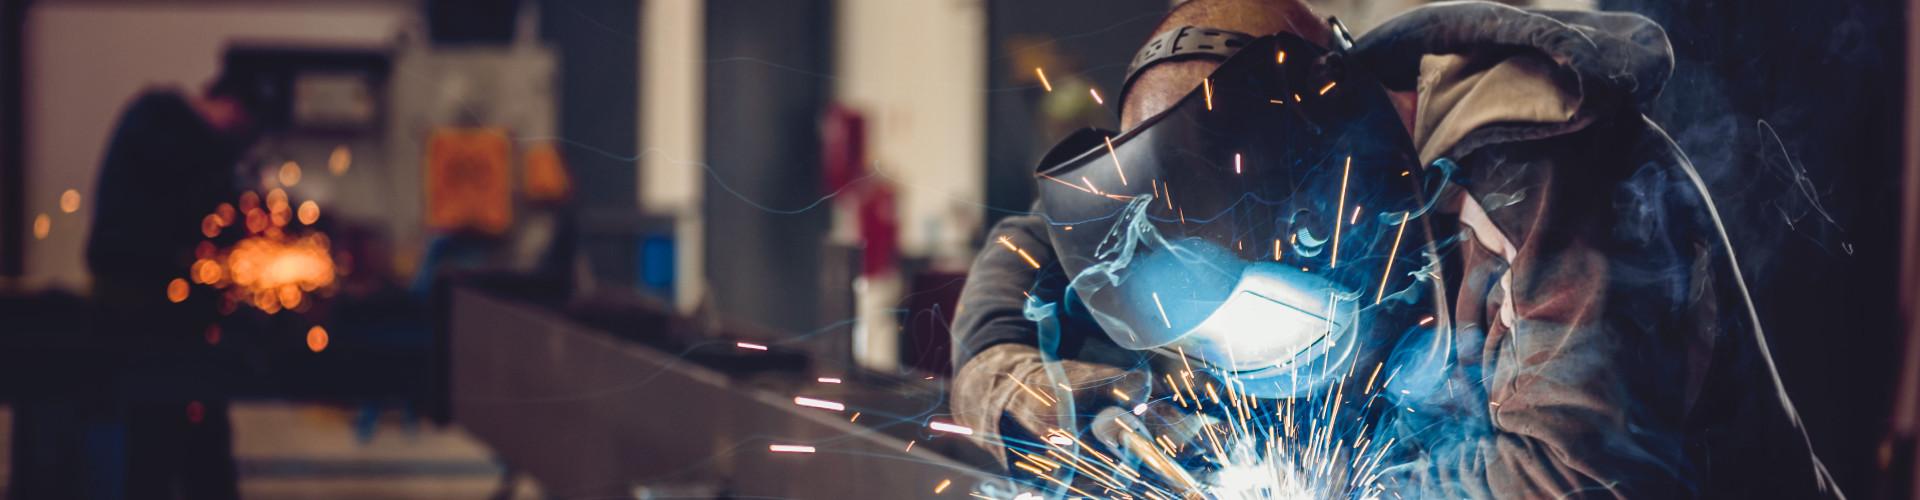 Arbeiter beim Schweißen © kerkezz, stock.adobe.com